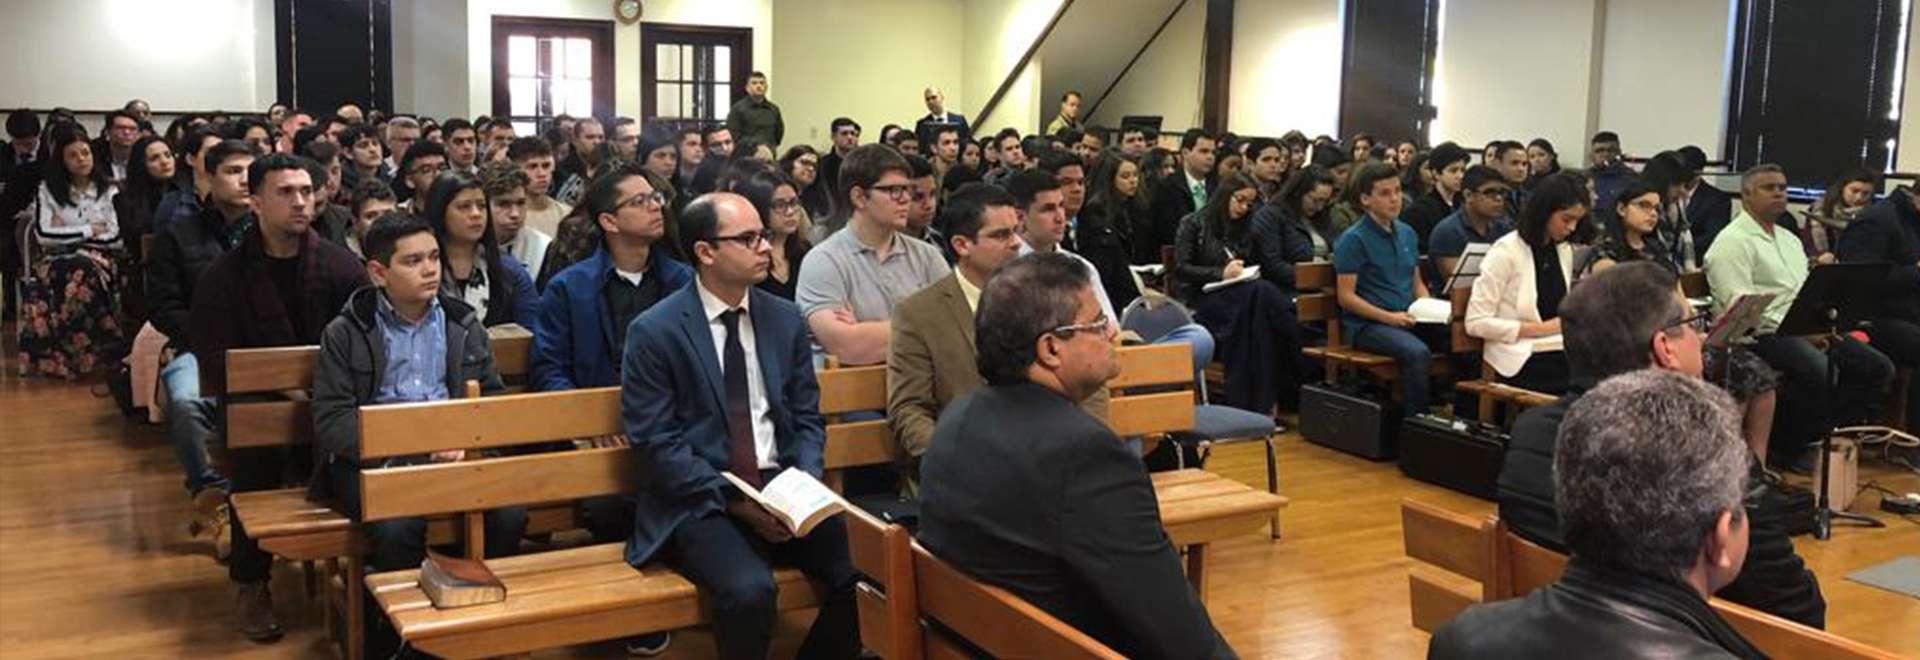 Seminário de Jovens em Connecticut, EUA, reúne cerca de 180 pessoas